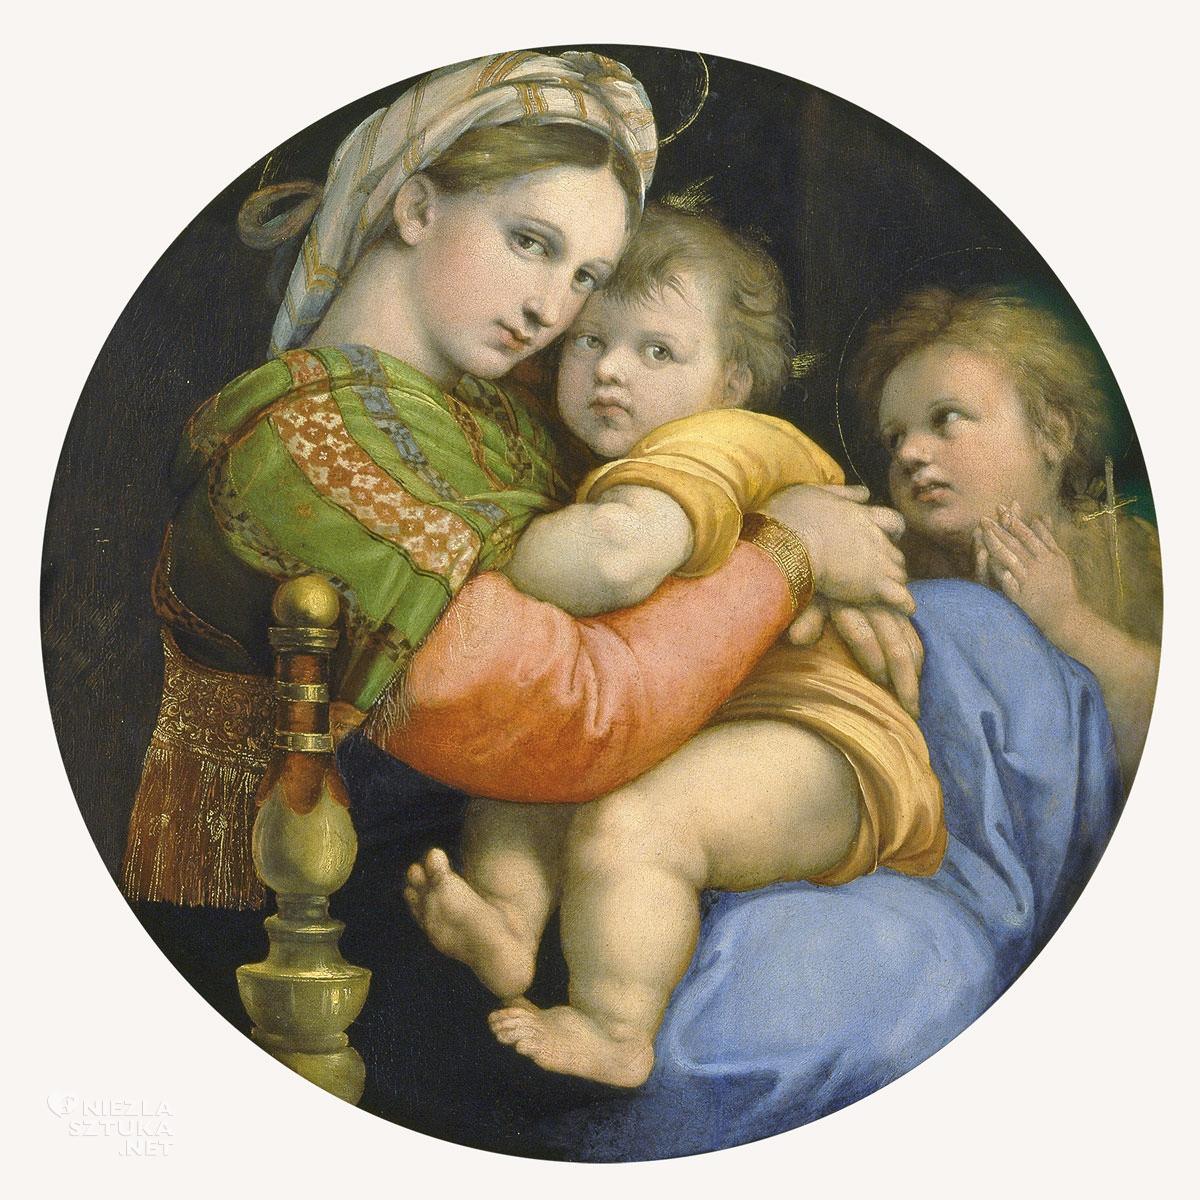 Rafael Santi, Madonna della seggiola, sztuka włoska, malarstwo włoskie, Niezła sztuka